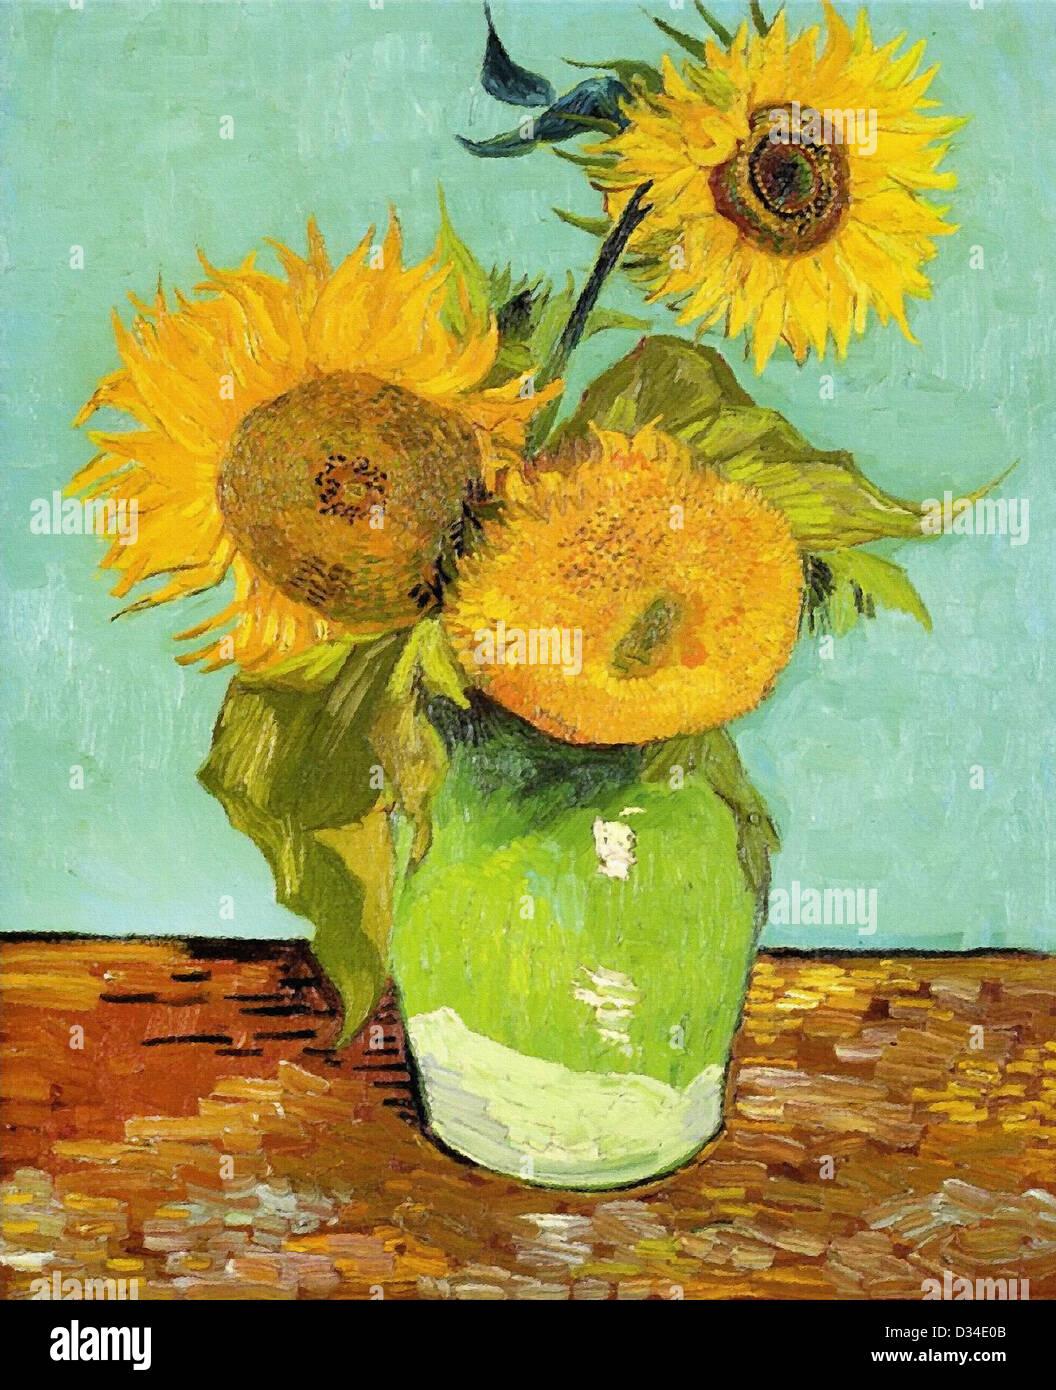 Vincent van Gogh, girasoli. 1888. Post-Impressionism. Olio su tela. Luogo di creazione: Arles-sur-tech, Francia. Immagini Stock